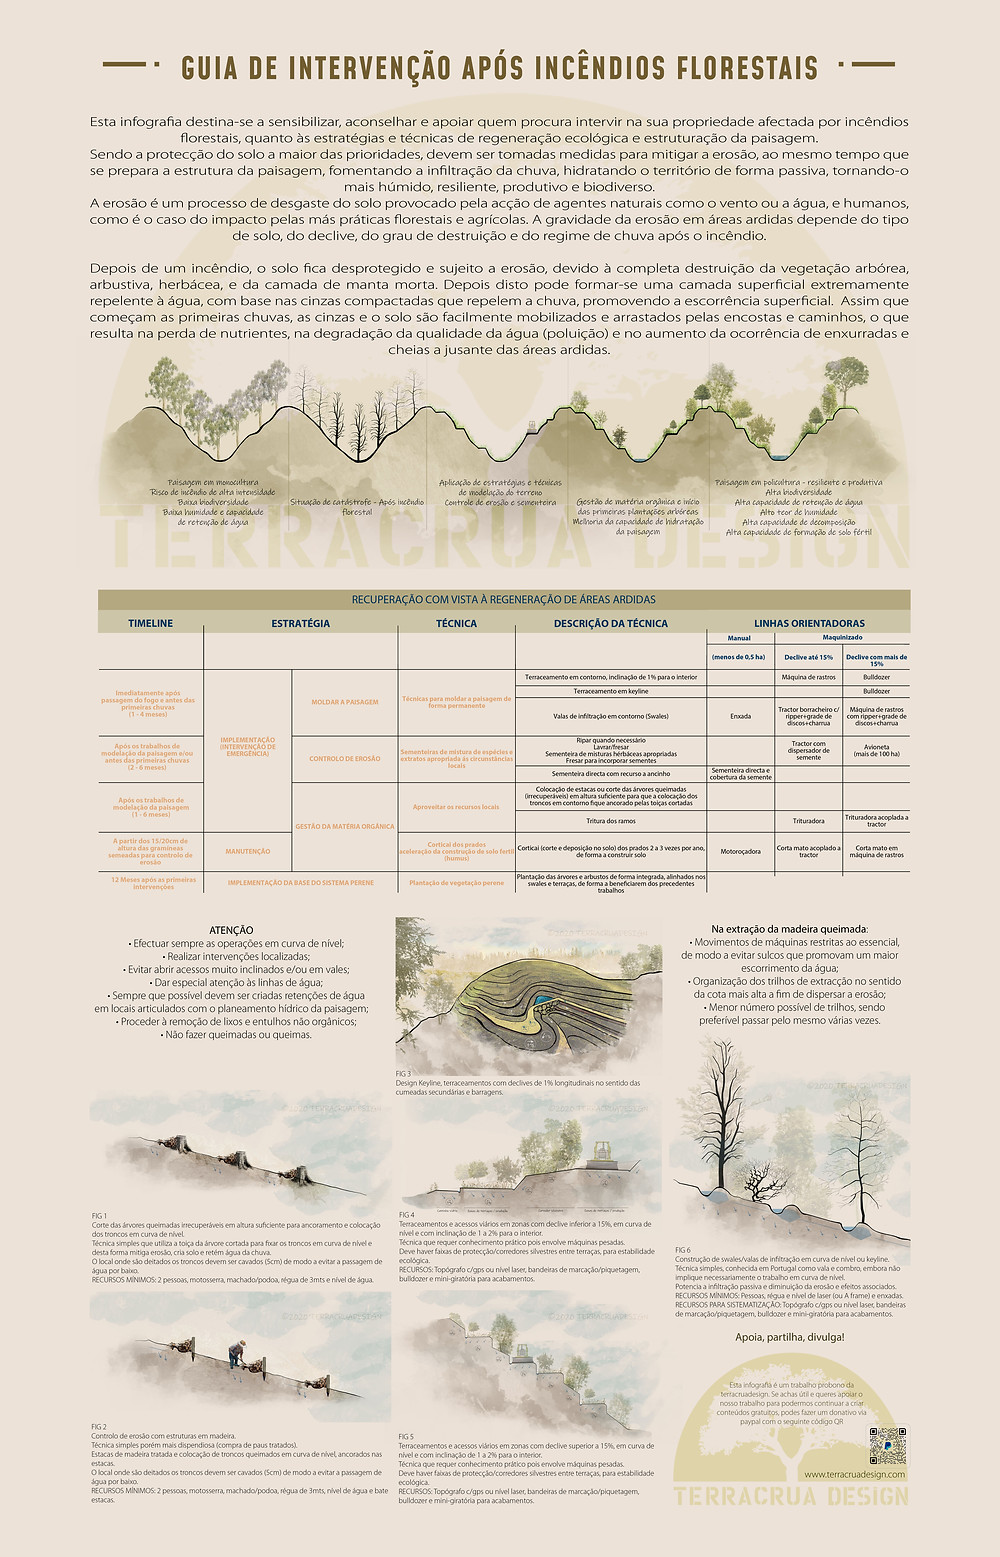 Esta infografia destina-se a sensibilizar, aconselhar e apoiar quem procura intervir na sua propriedade afetada por incêndios florestais, quanto às estratégias e técnicas de regeneração ecológica e estruturação da paisagem.